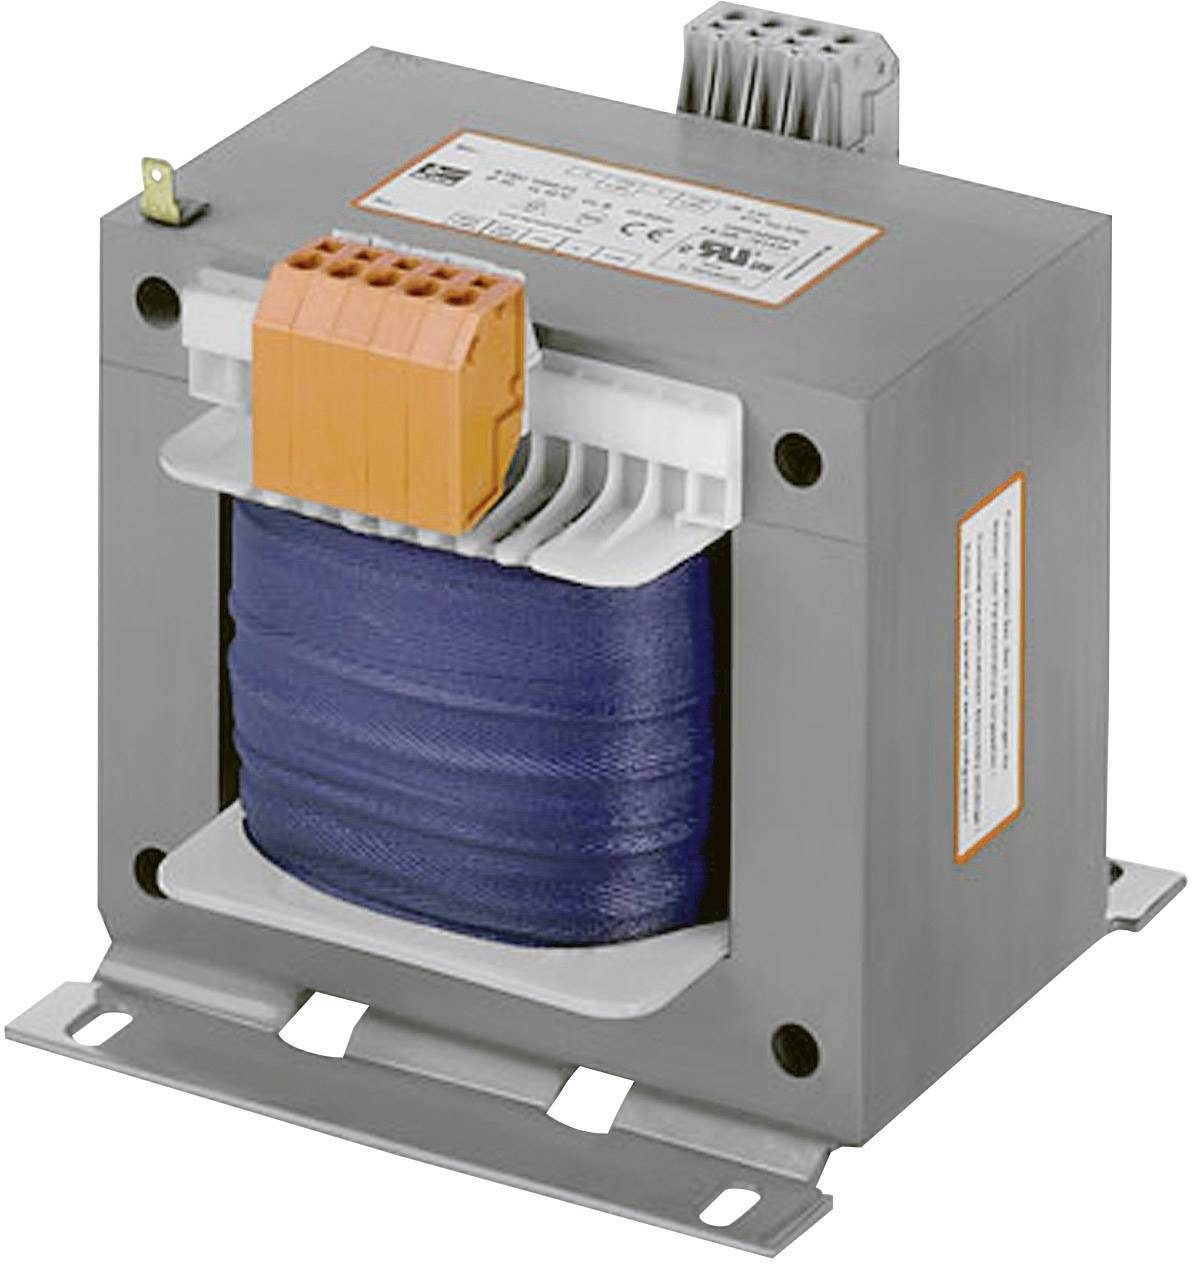 Bezpečnostný transformátor, riadiaci transformátor, izolačný transformátor Block STEU 160/24, 160 VA